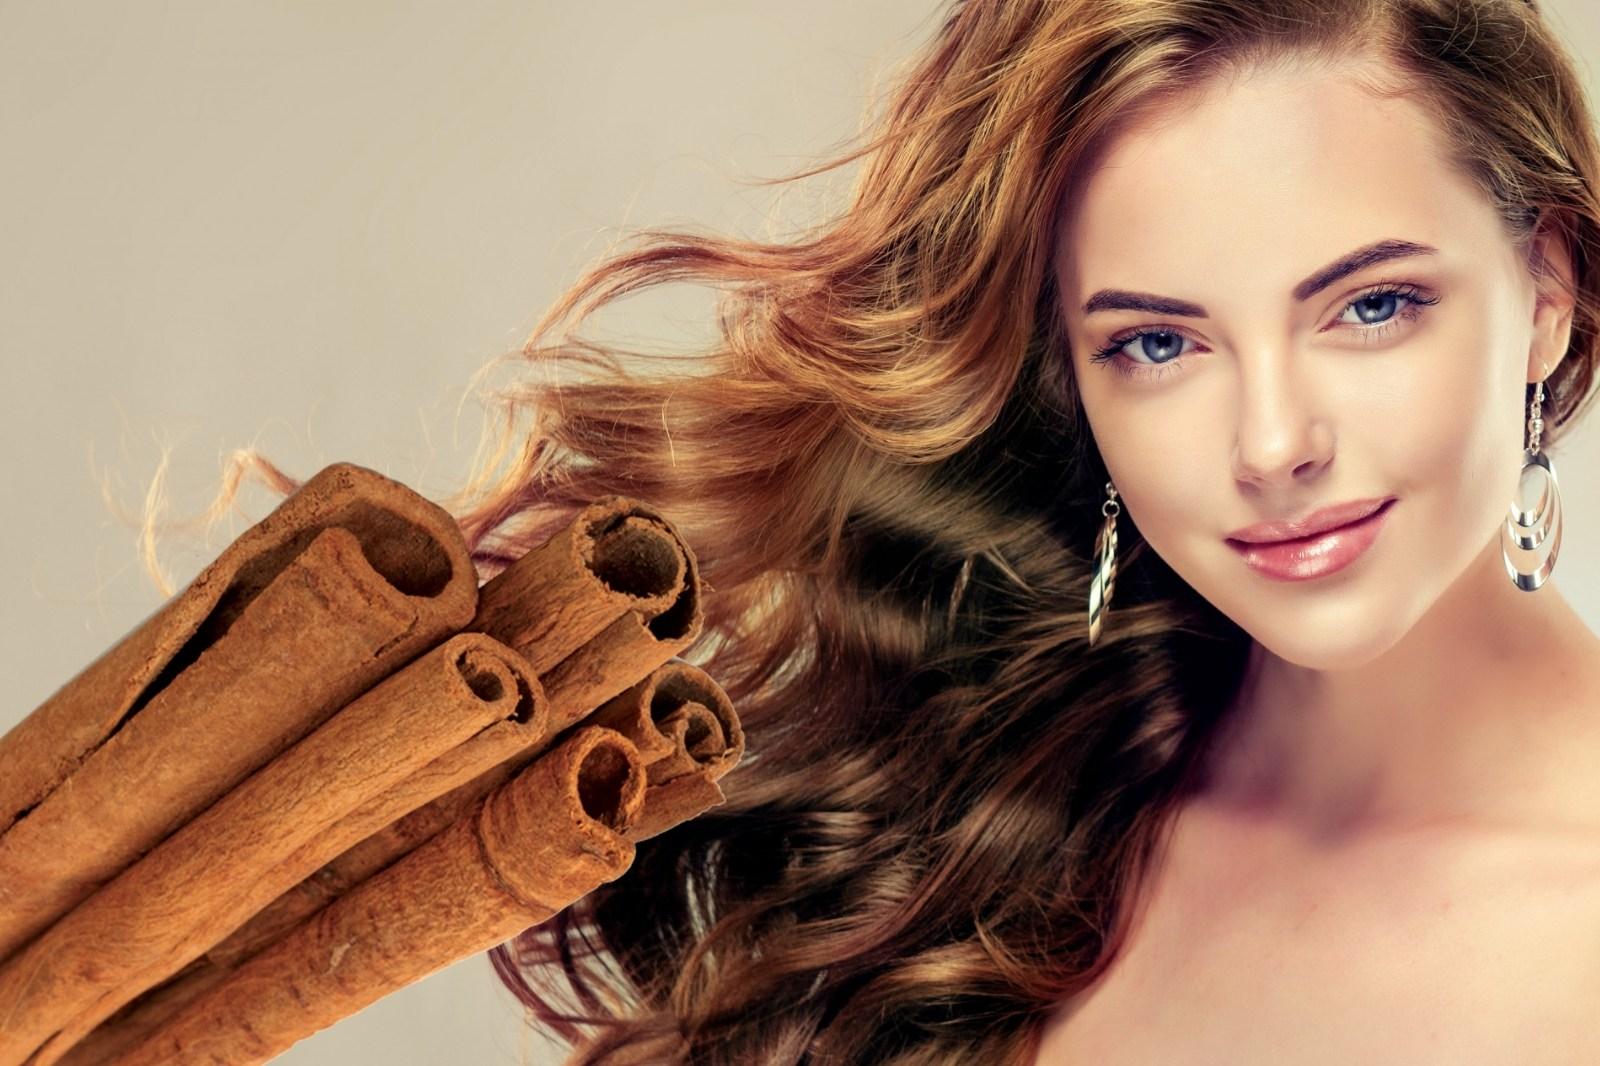 merawat kesehatan rambut dengan kayu manis